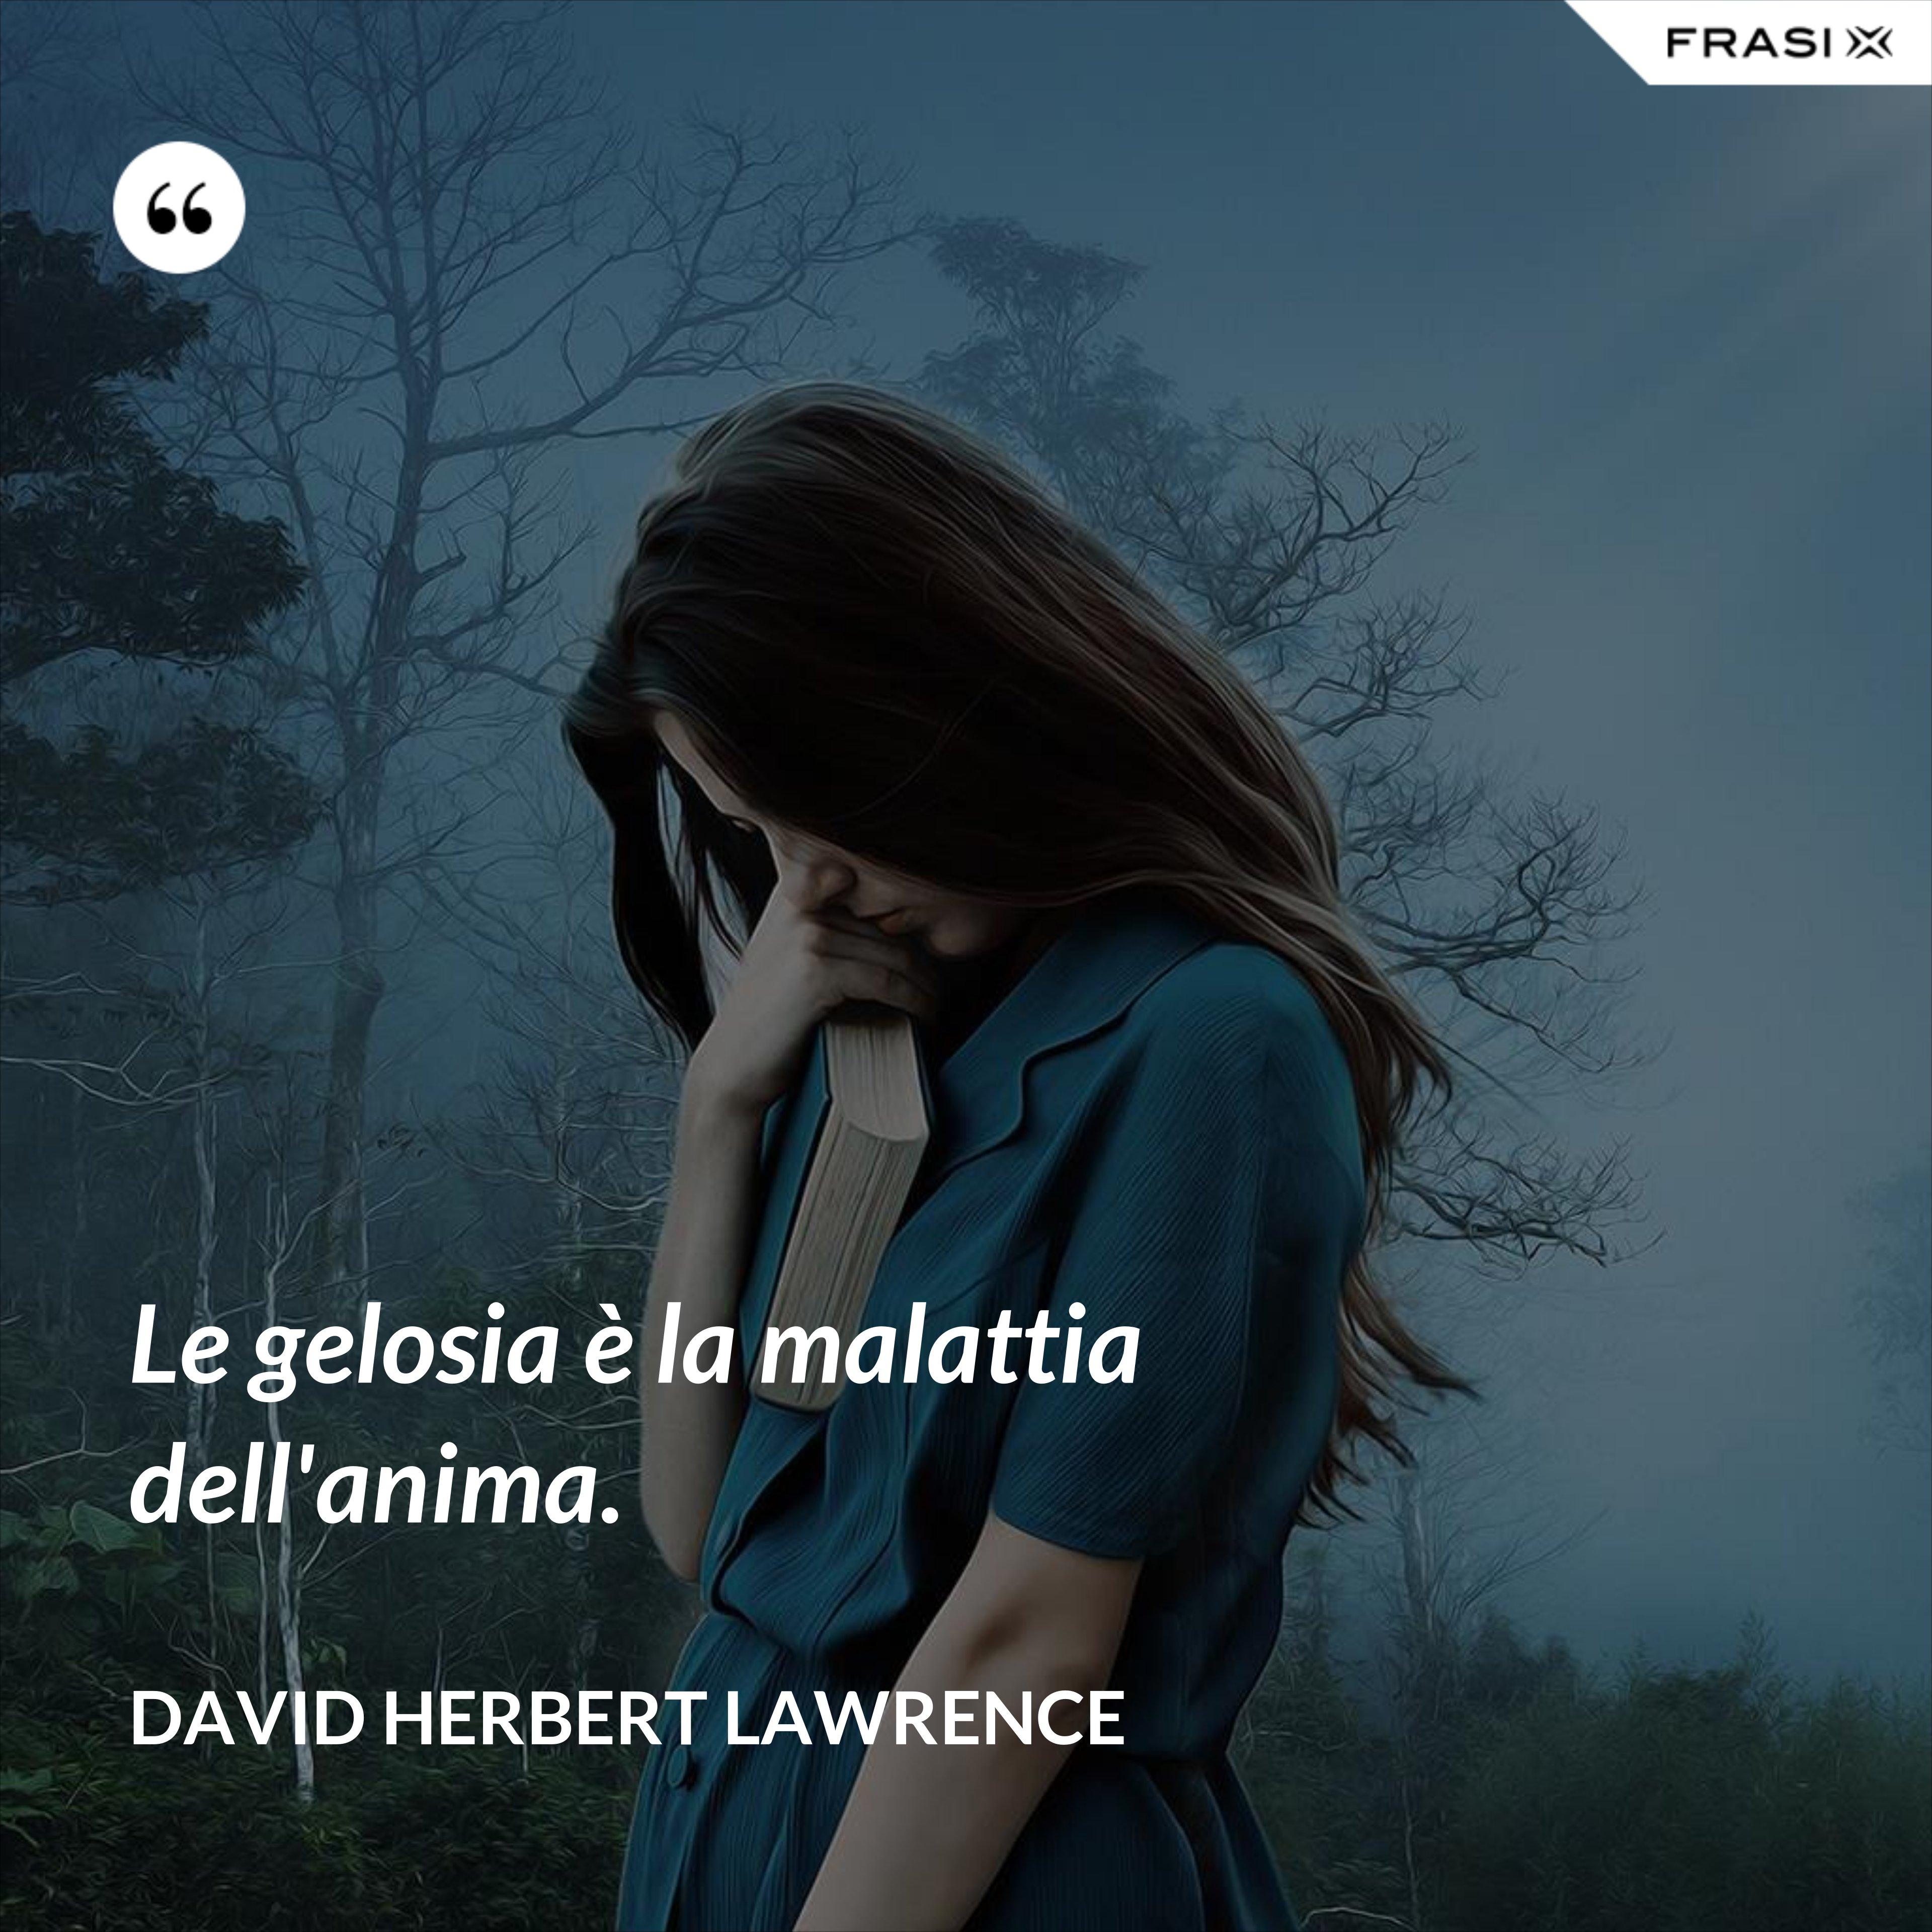 Le gelosia è la malattia dell'anima. - David Herbert Lawrence